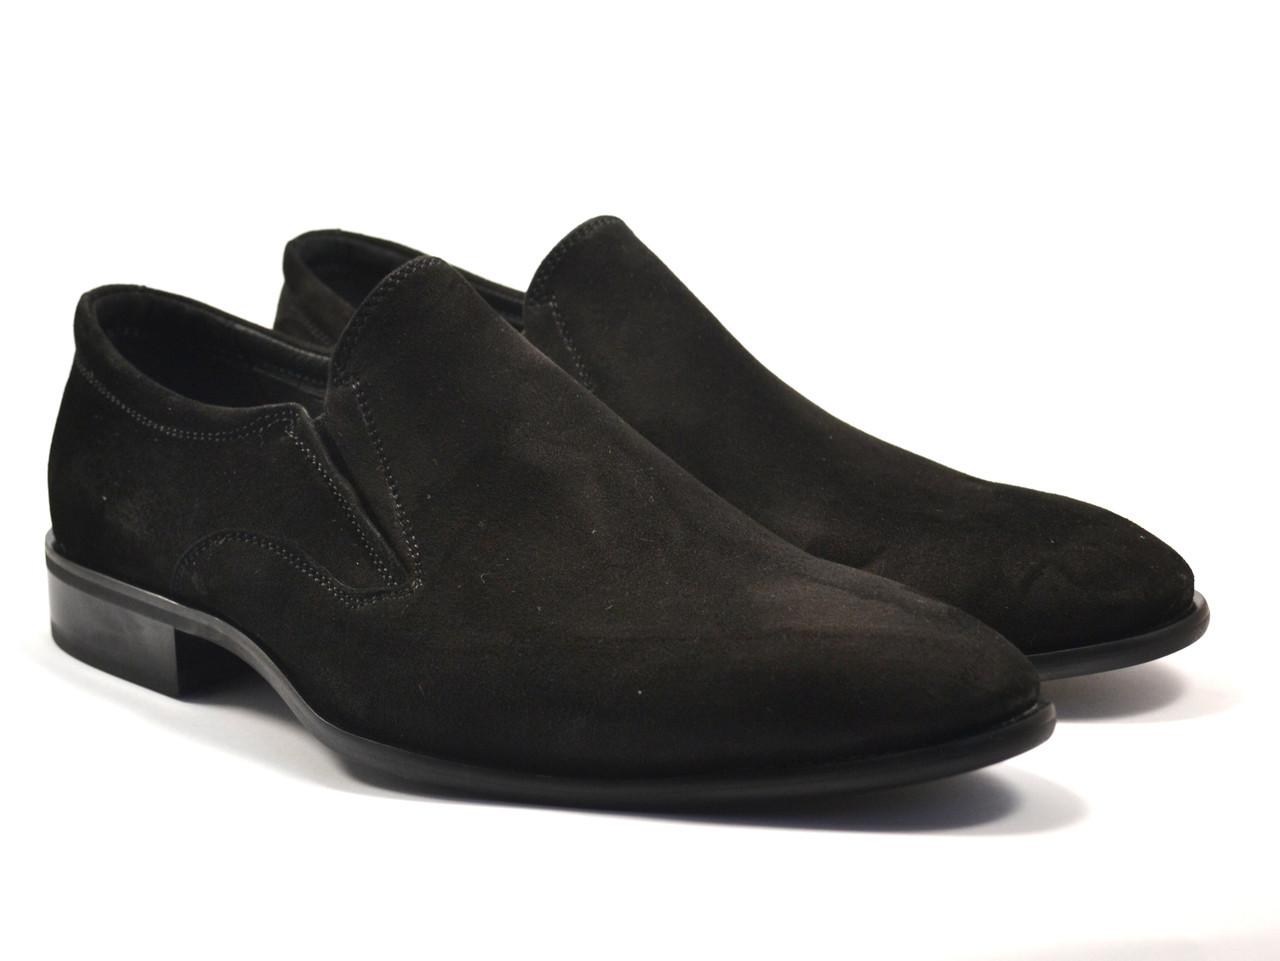 Туфли лоферы замшевые на резинках мужские черные на каблуке классические Rosso Avangard Mono Vel Black